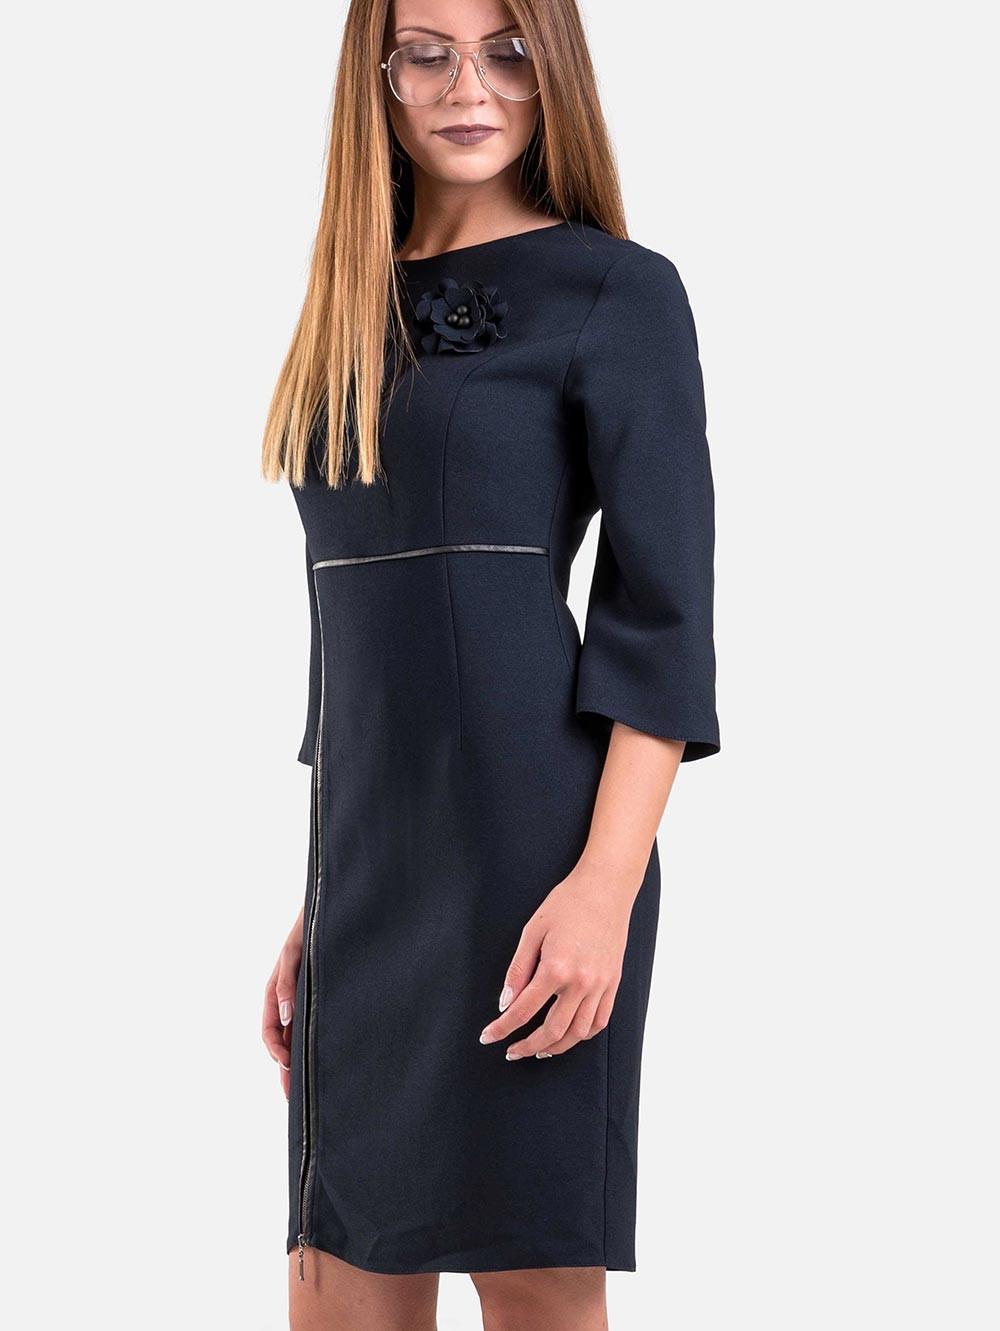 d2ace59db84 Стилна рокля с клоширани ръкави - тъмносиня | Елегантни рокли от INDIGO  Fashion